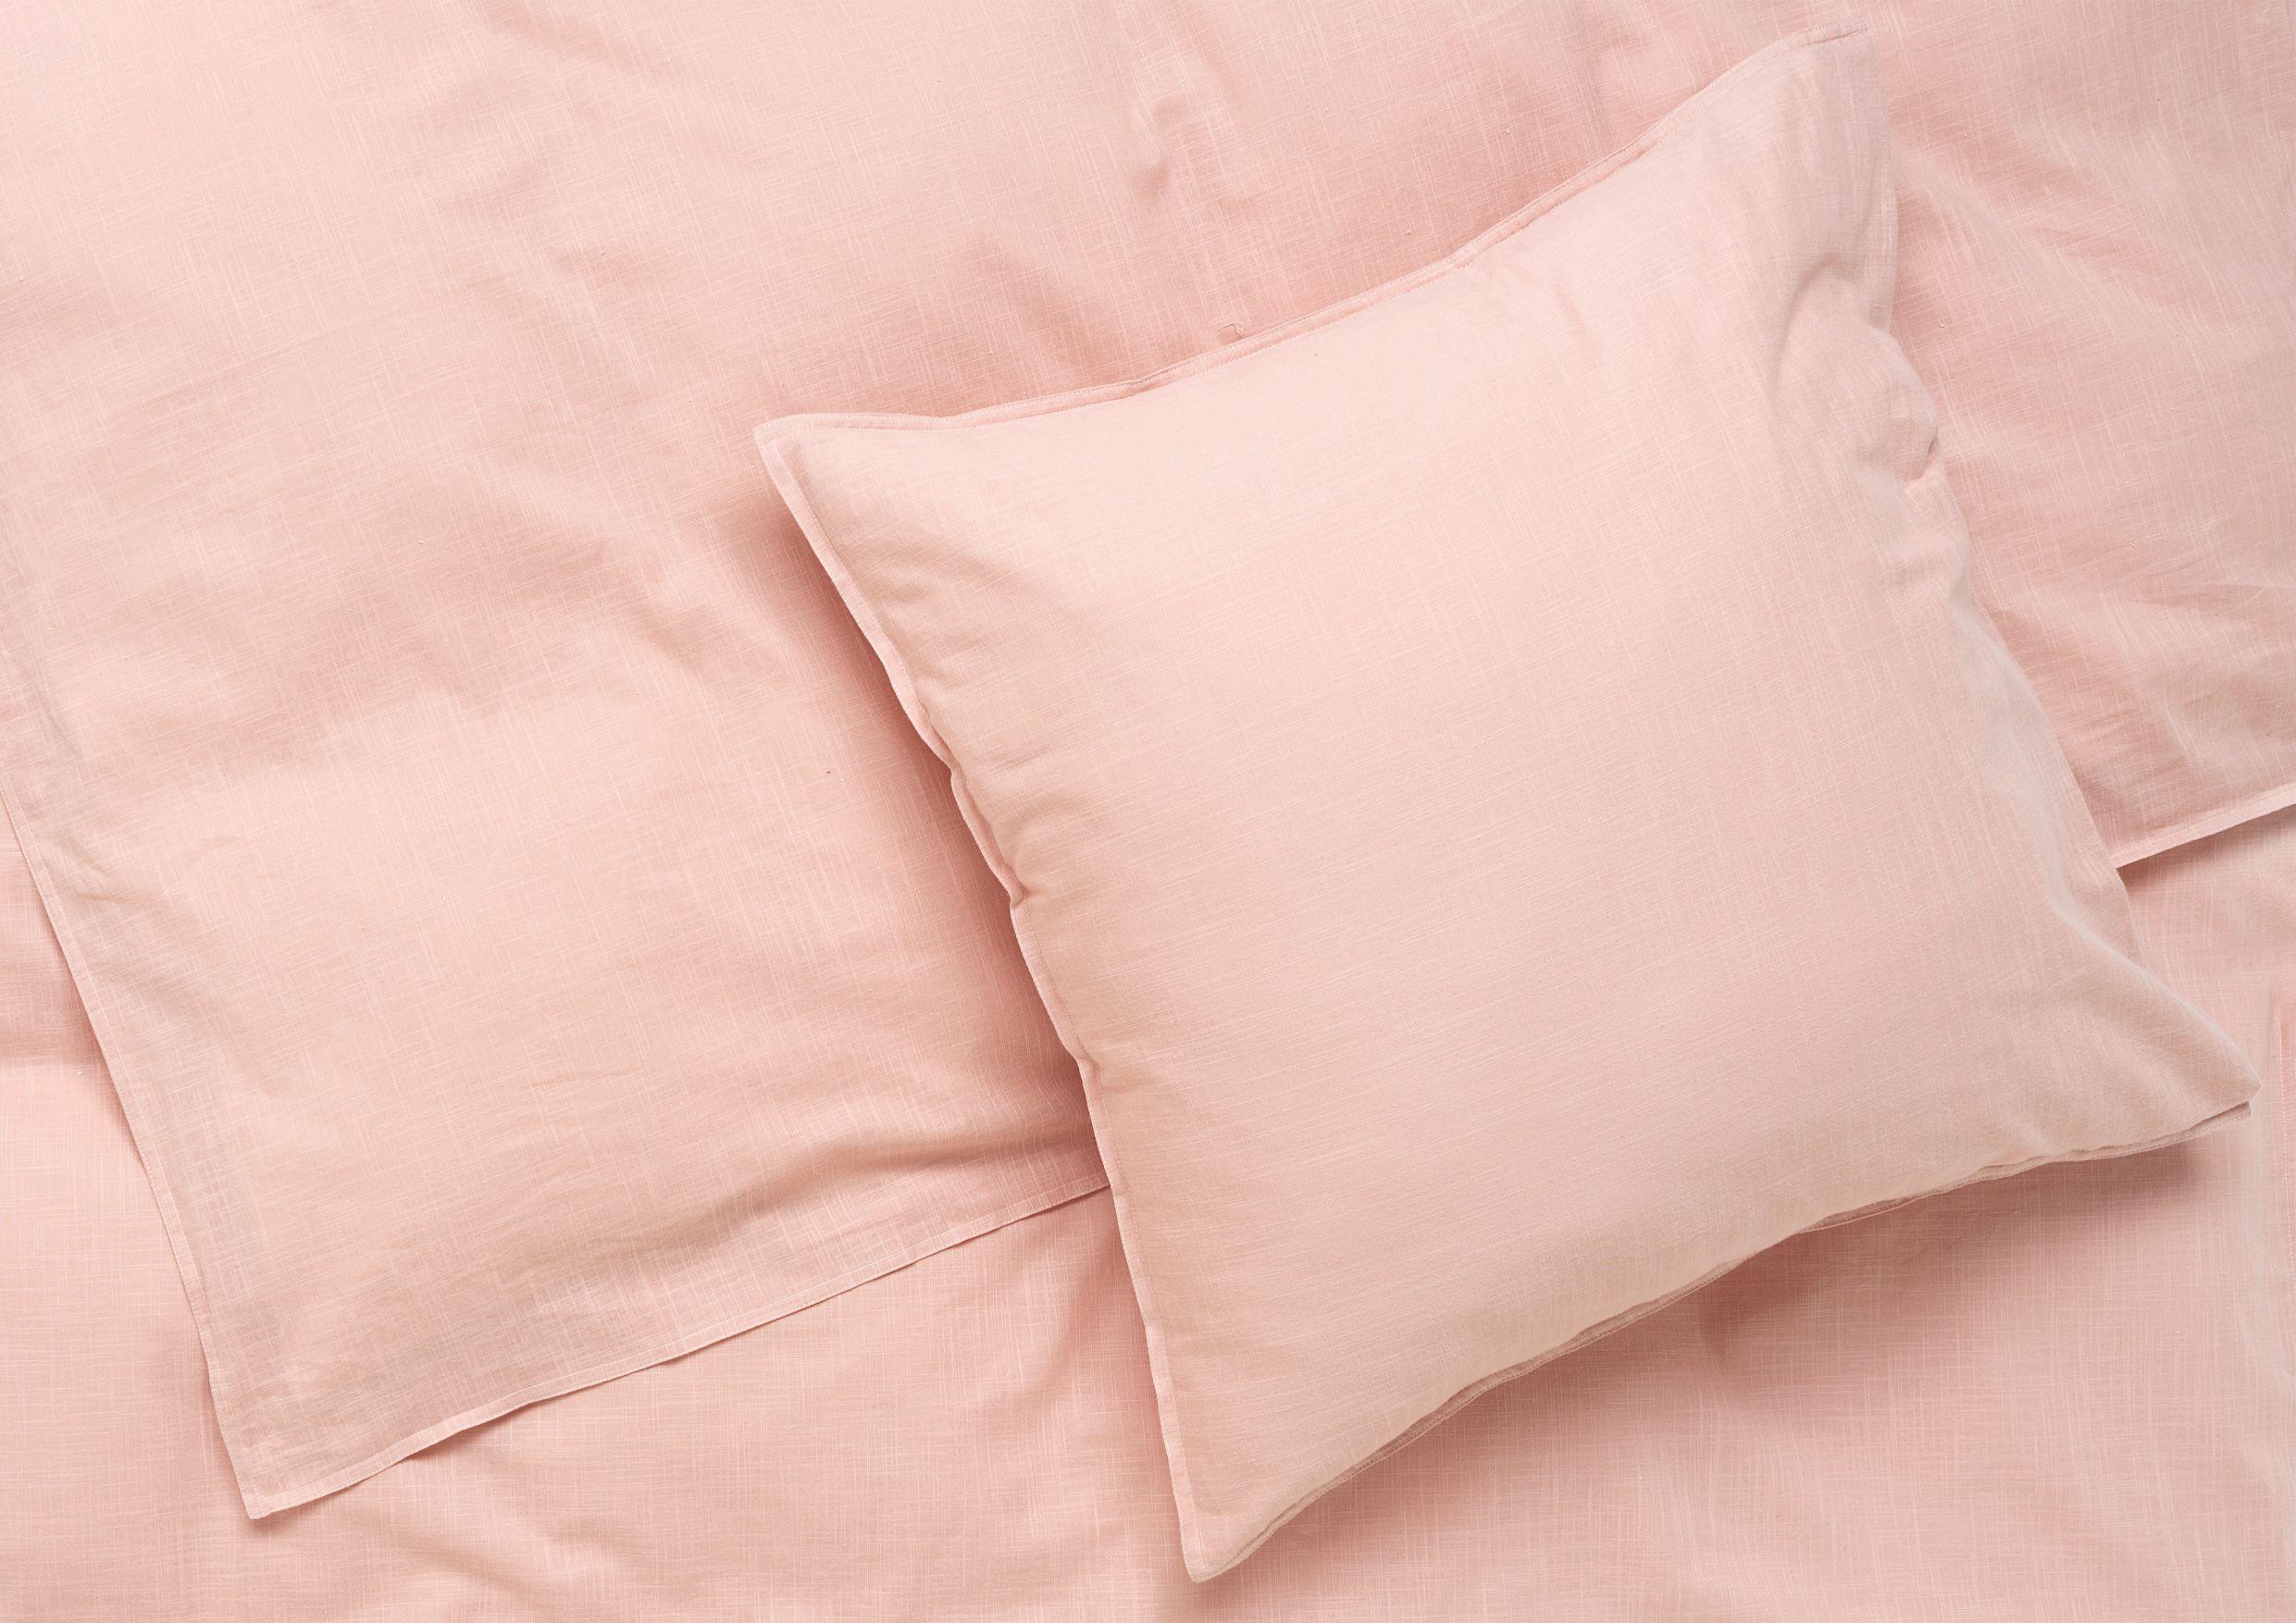 Juna Bæk&Bølge sengelinned, 140x200 cm, støvet rosa